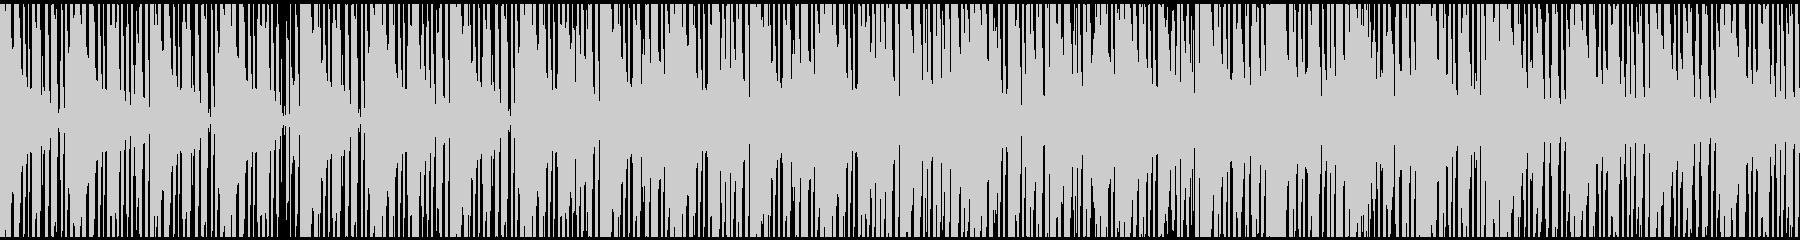 夜な雰囲気のJazzFunk(LOOP)の未再生の波形